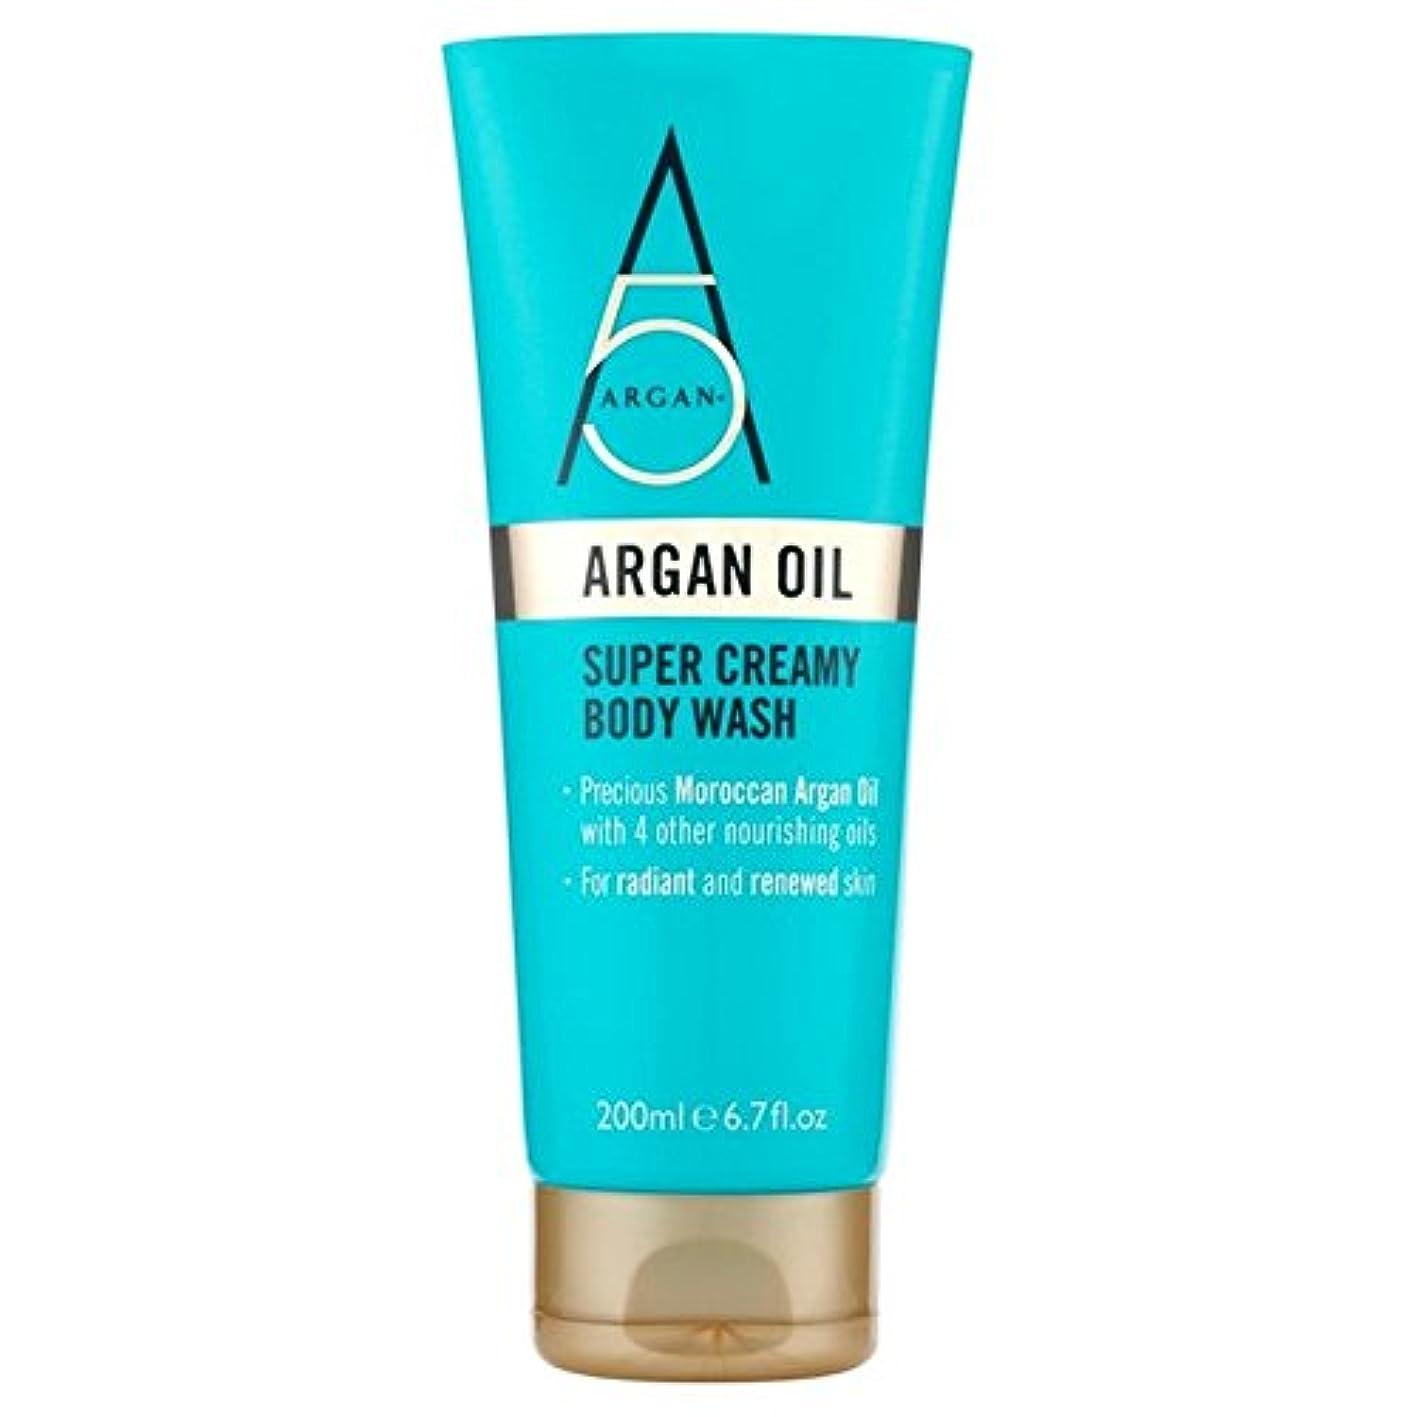 量注入する大統領アルガン+スーパークリーミーボディウォッシュ200ミリリットル x4 - Argan+ Super Creamy Body Wash 200ml (Pack of 4) [並行輸入品]